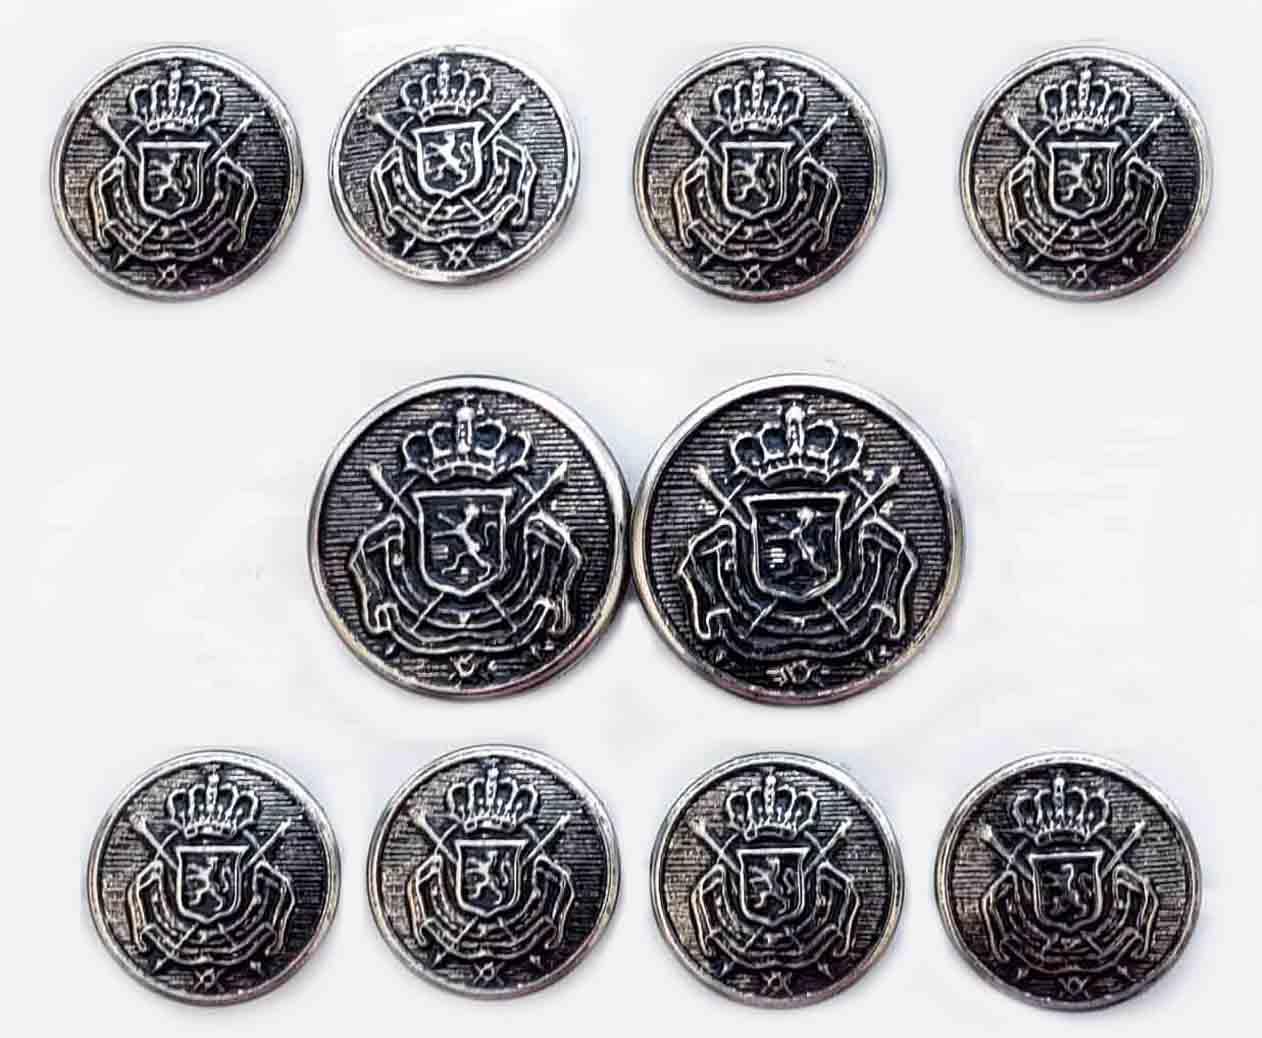 Vintage Meeting Street Blazer Buttons Belgium Crest Heraldic Metal Gray Silver Men's